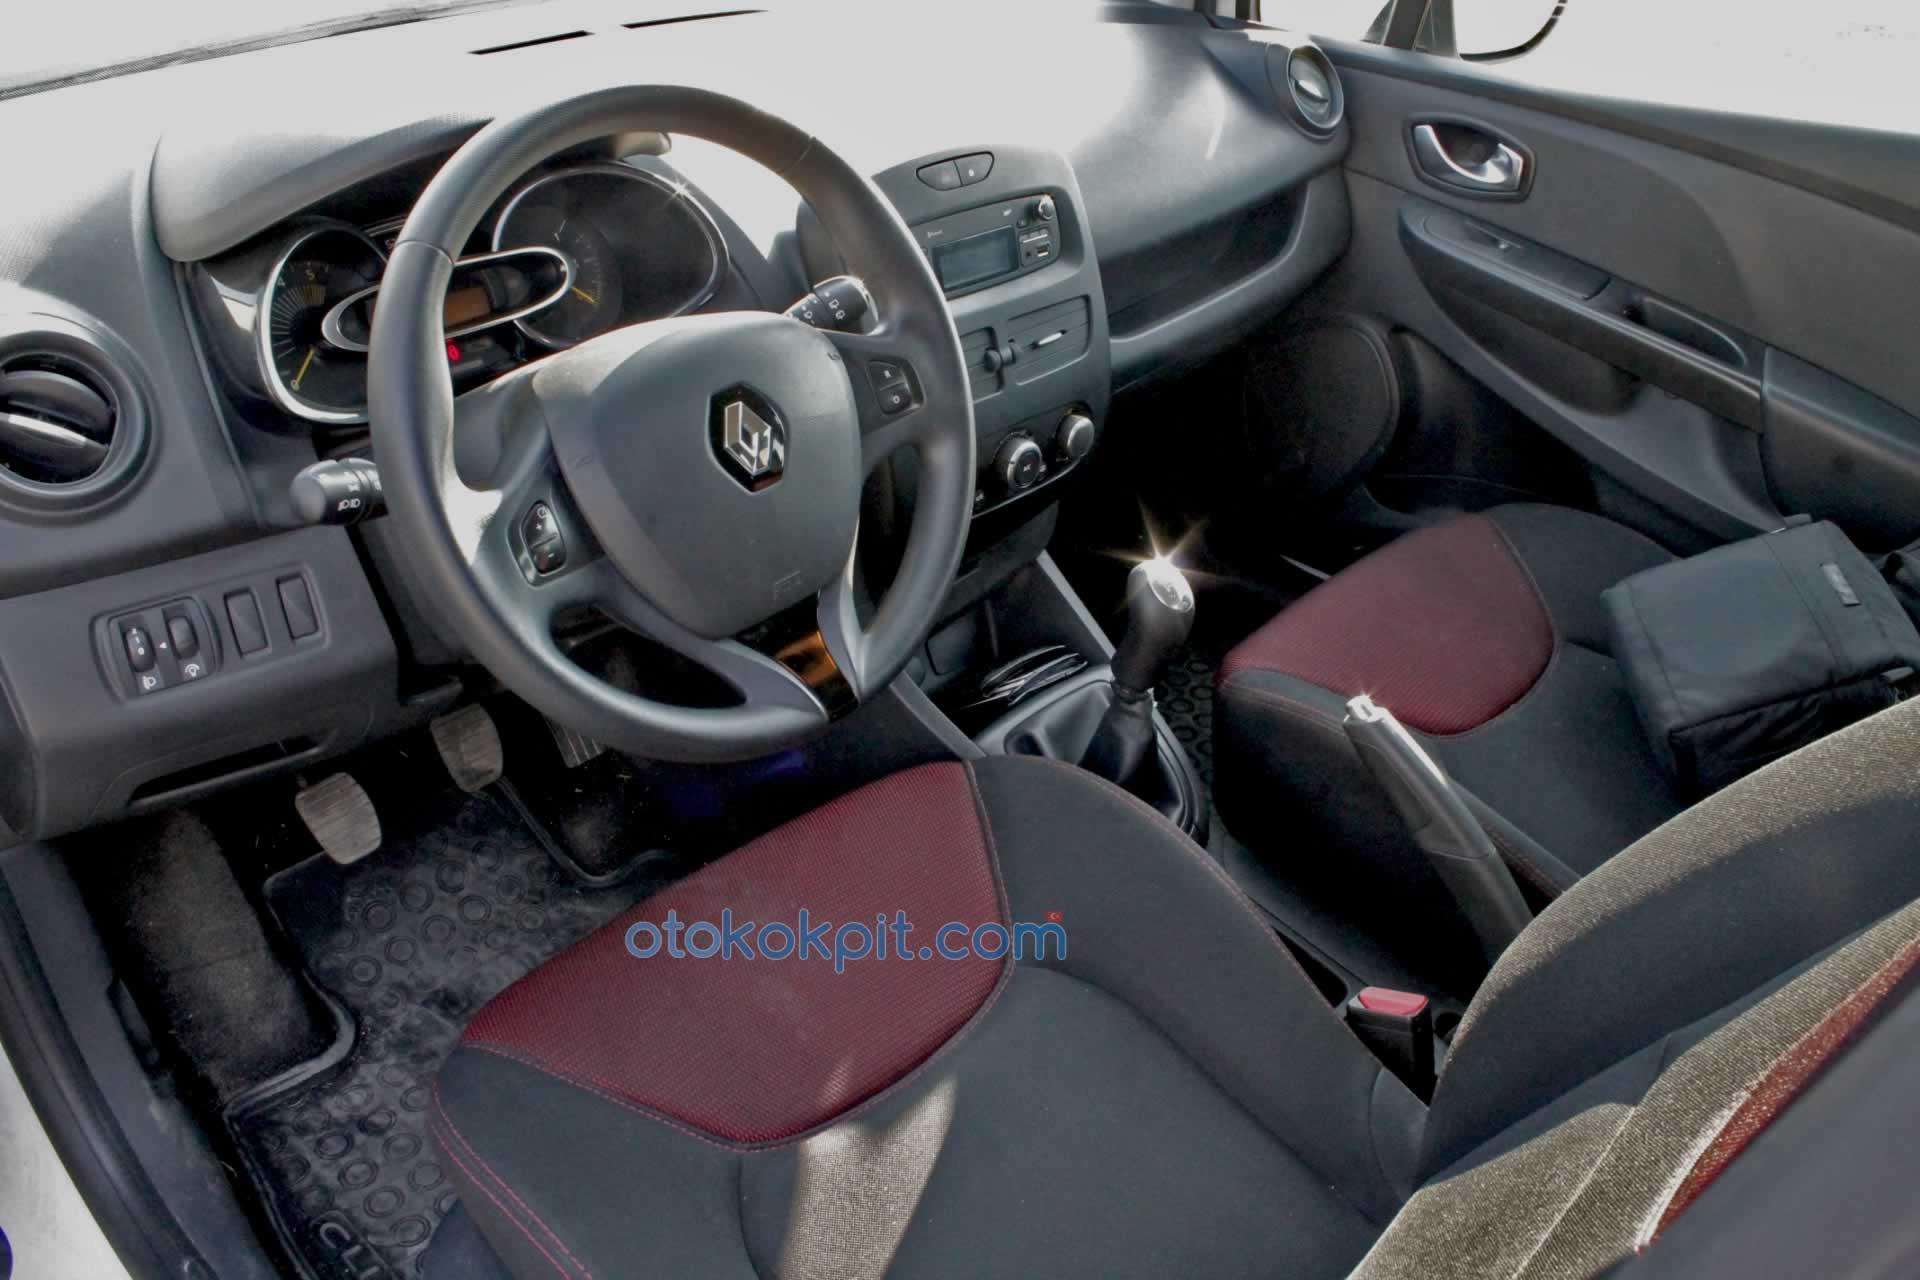 Yeni Renault Clio 4 Joy 1.5 dCi Yorumları